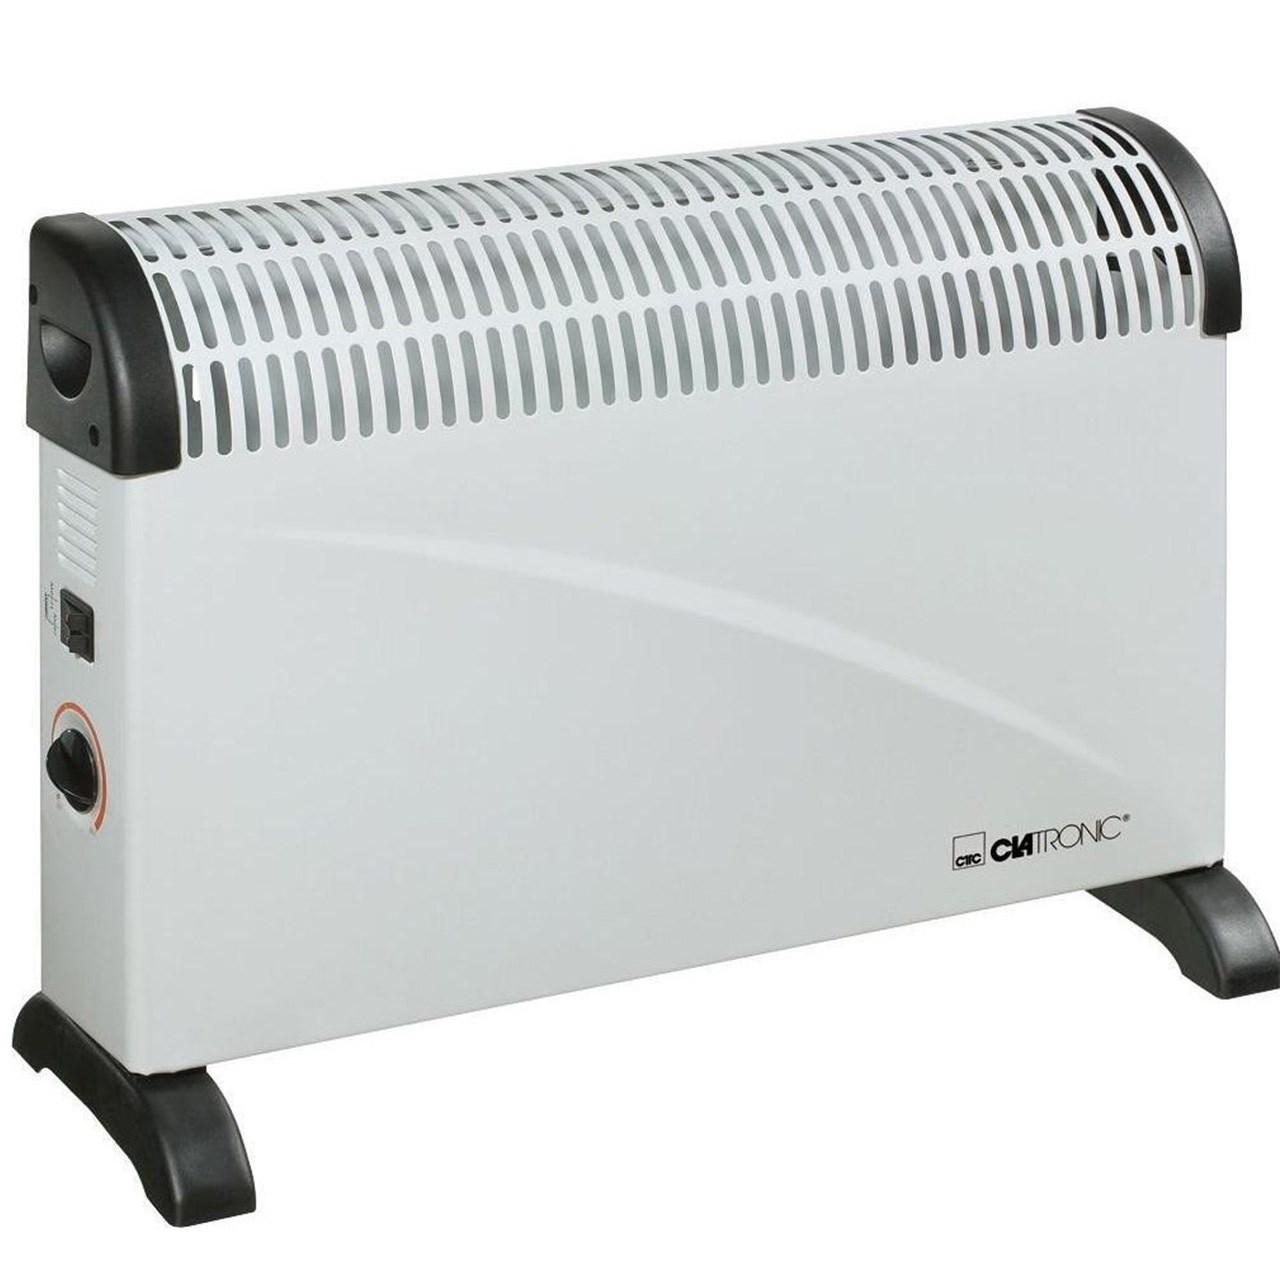 بخاری برقی کلترونیک مدل KH 3077